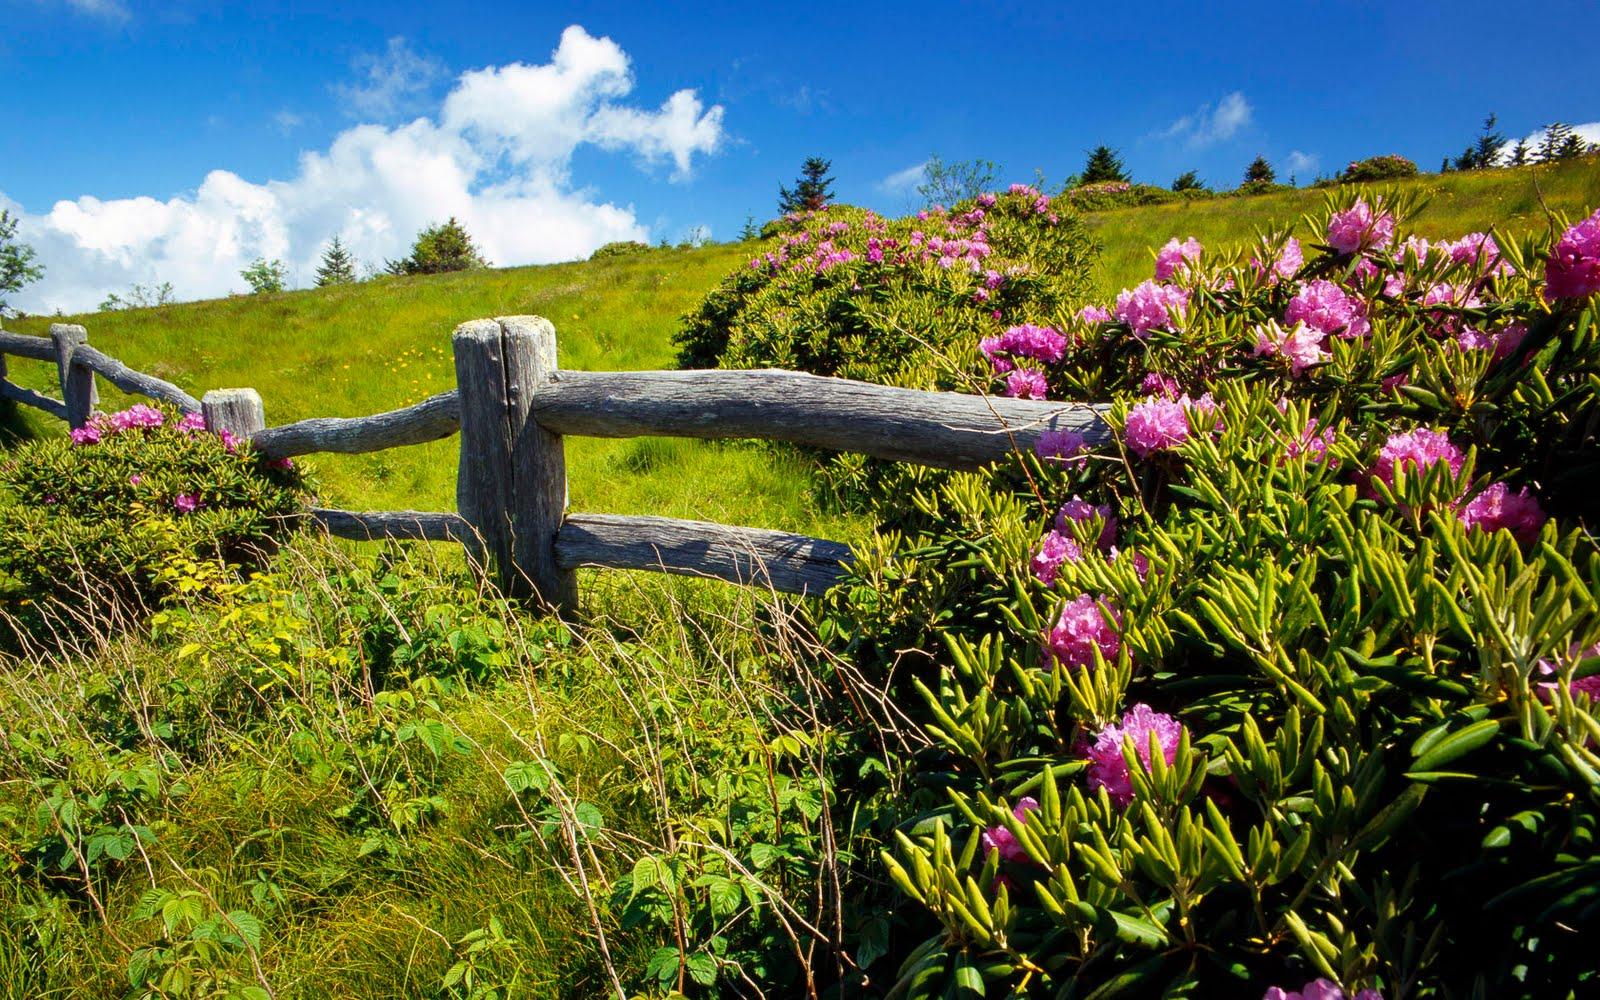 http://1.bp.blogspot.com/-55qXsxeJ8Go/Tg8rkIxTkxI/AAAAAAAAKlE/si0sUguQWX4/s1600/nature%2Blandscapes%2B%2Bhd%2Bwallpapers%2B117.jpg